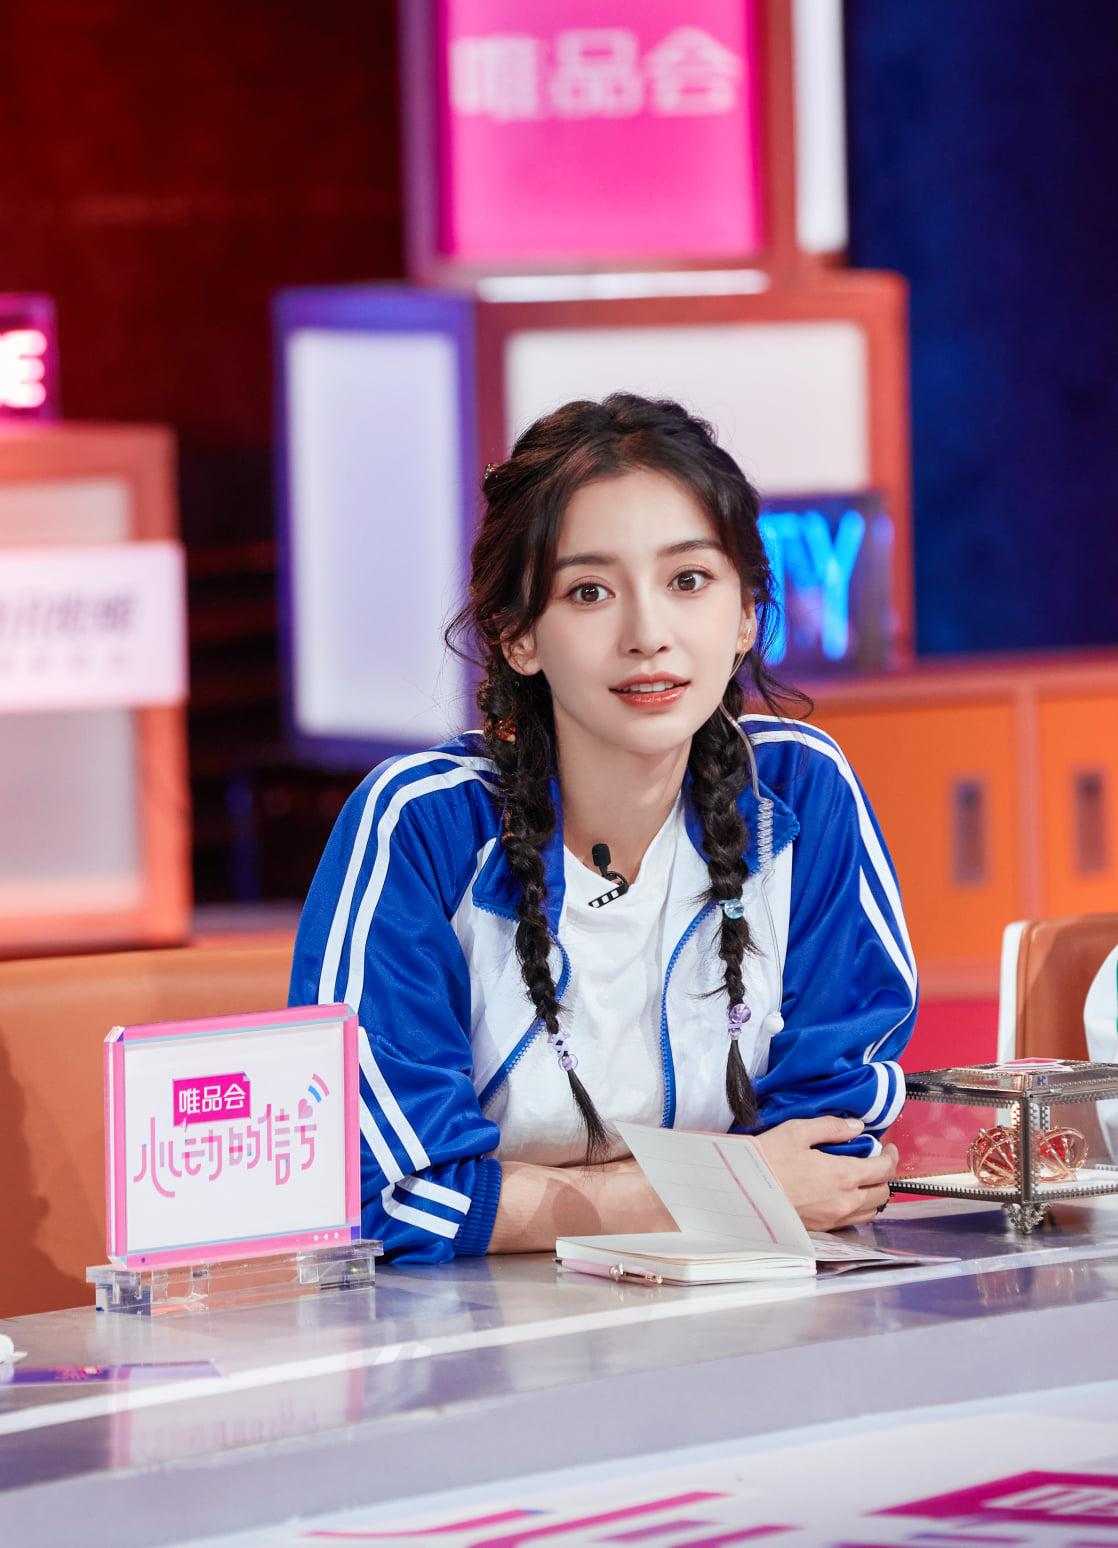 Kiểu tóc 'cưa sừng' được loạt mỹ nhân châu Á lăng xê: Song Hye Kyo và Angela Baby đều có cú nhảy vọt nhan sắc - Ảnh 10